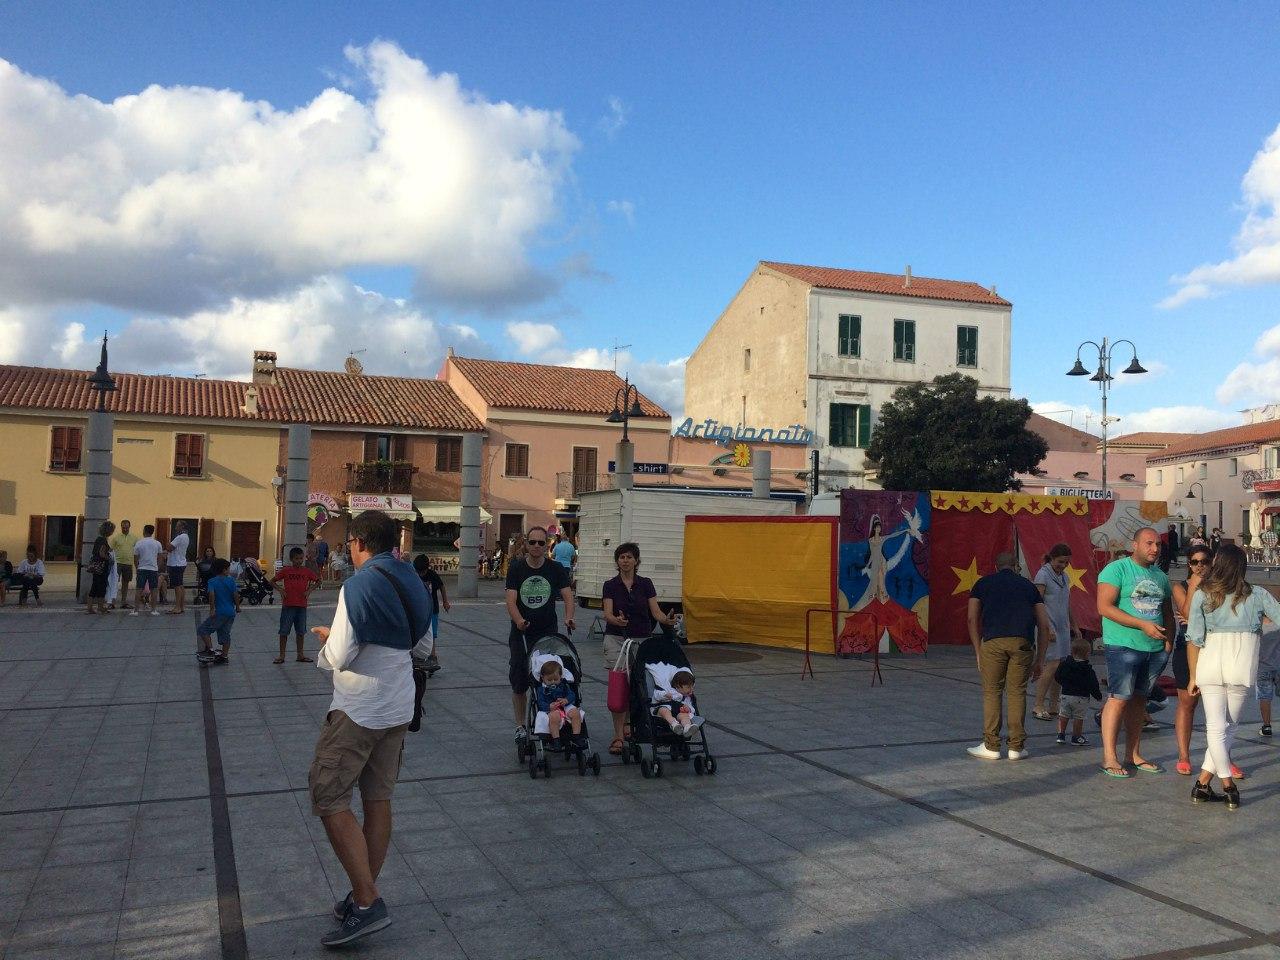 Городская площадь Santa Teresa di Gallura